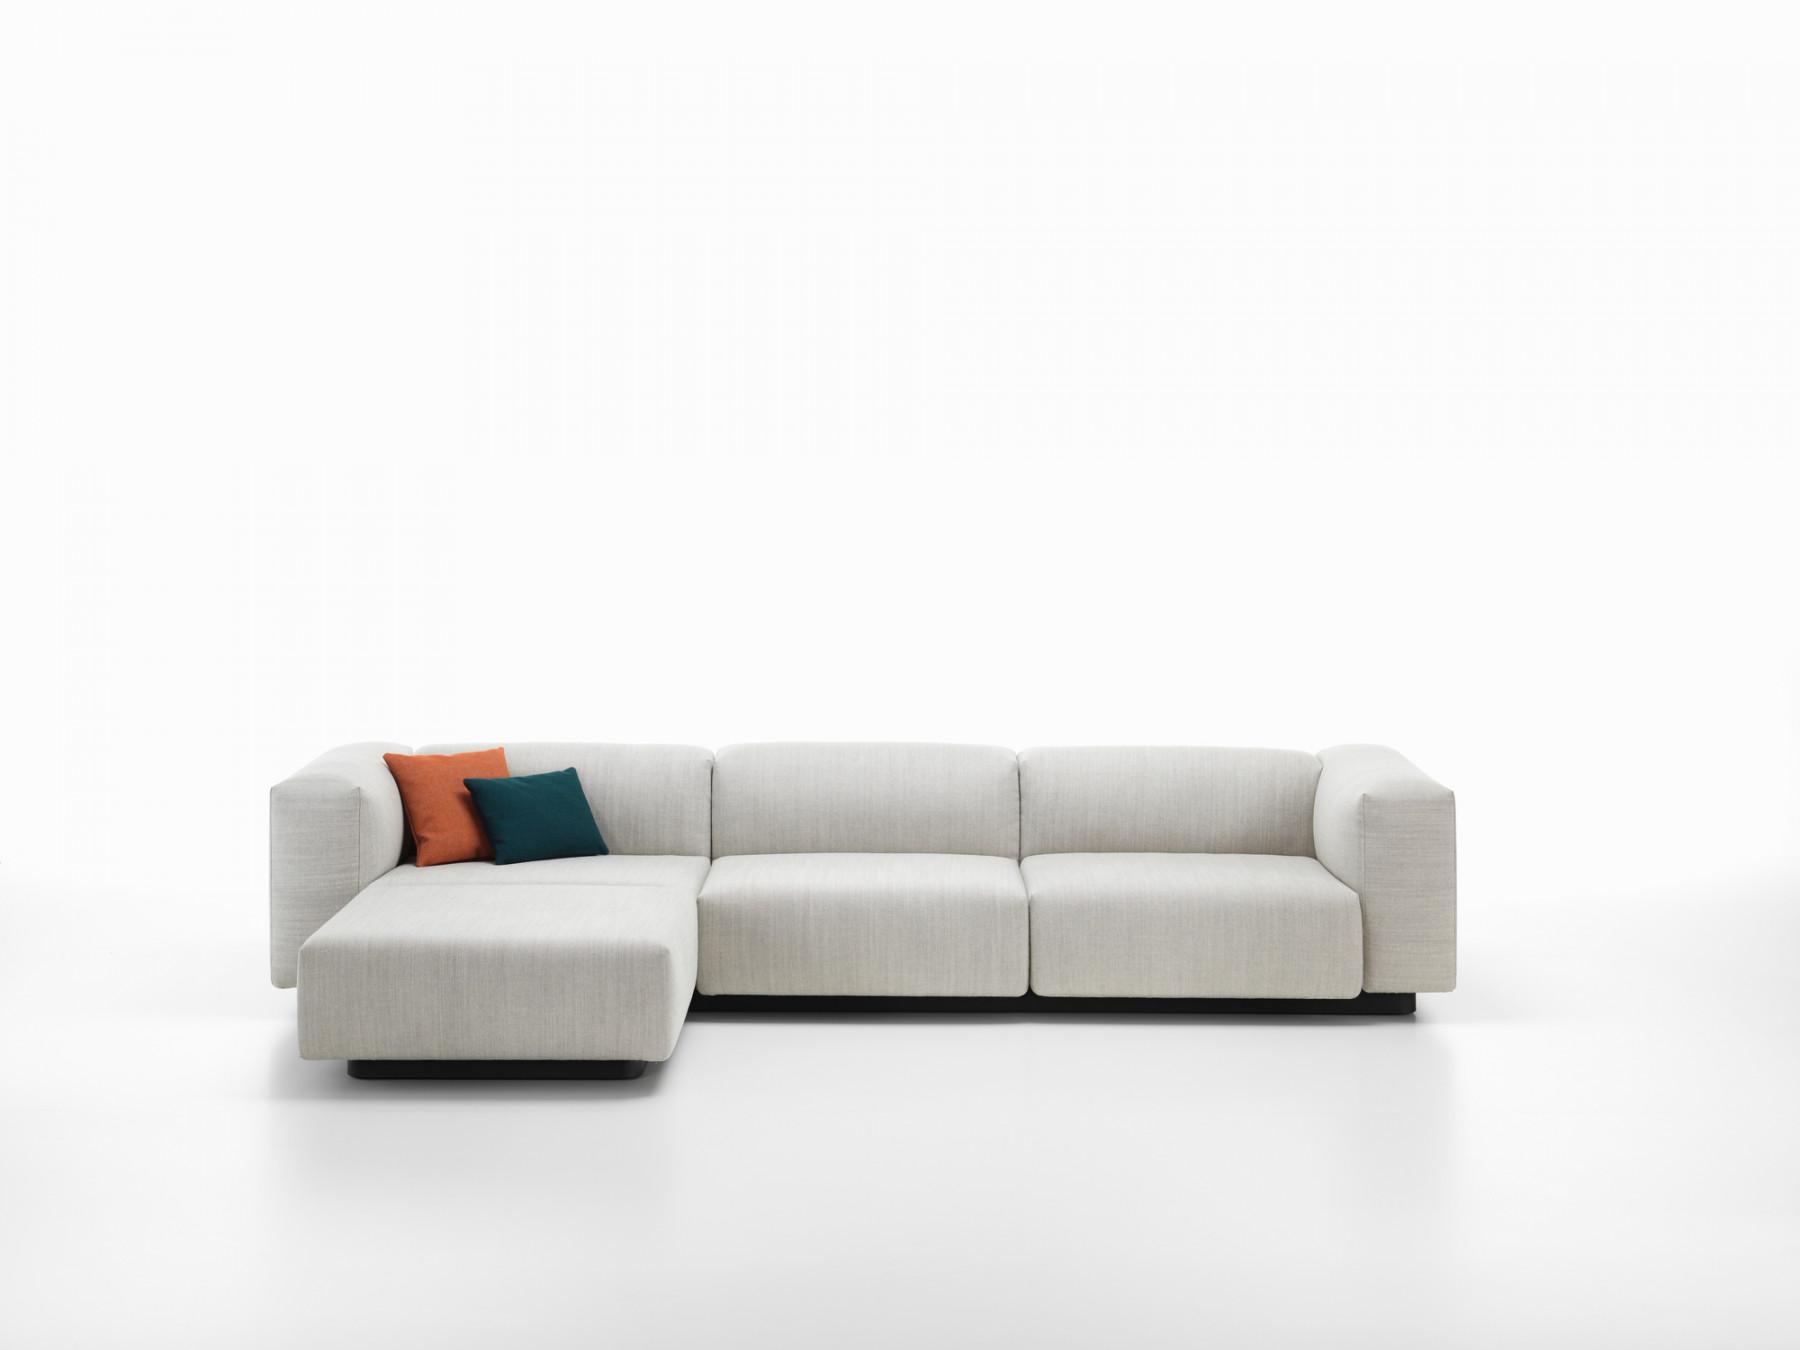 Full Size of Vitra Sofa Soft Modular 3 Sitzer Mit Chaise Longue Einrichten Blaues Led Weiß Grau Für Esstisch Schillig Weiches Günstiges Kleines Rundes Relaxfunktion Aus Sofa Vitra Sofa